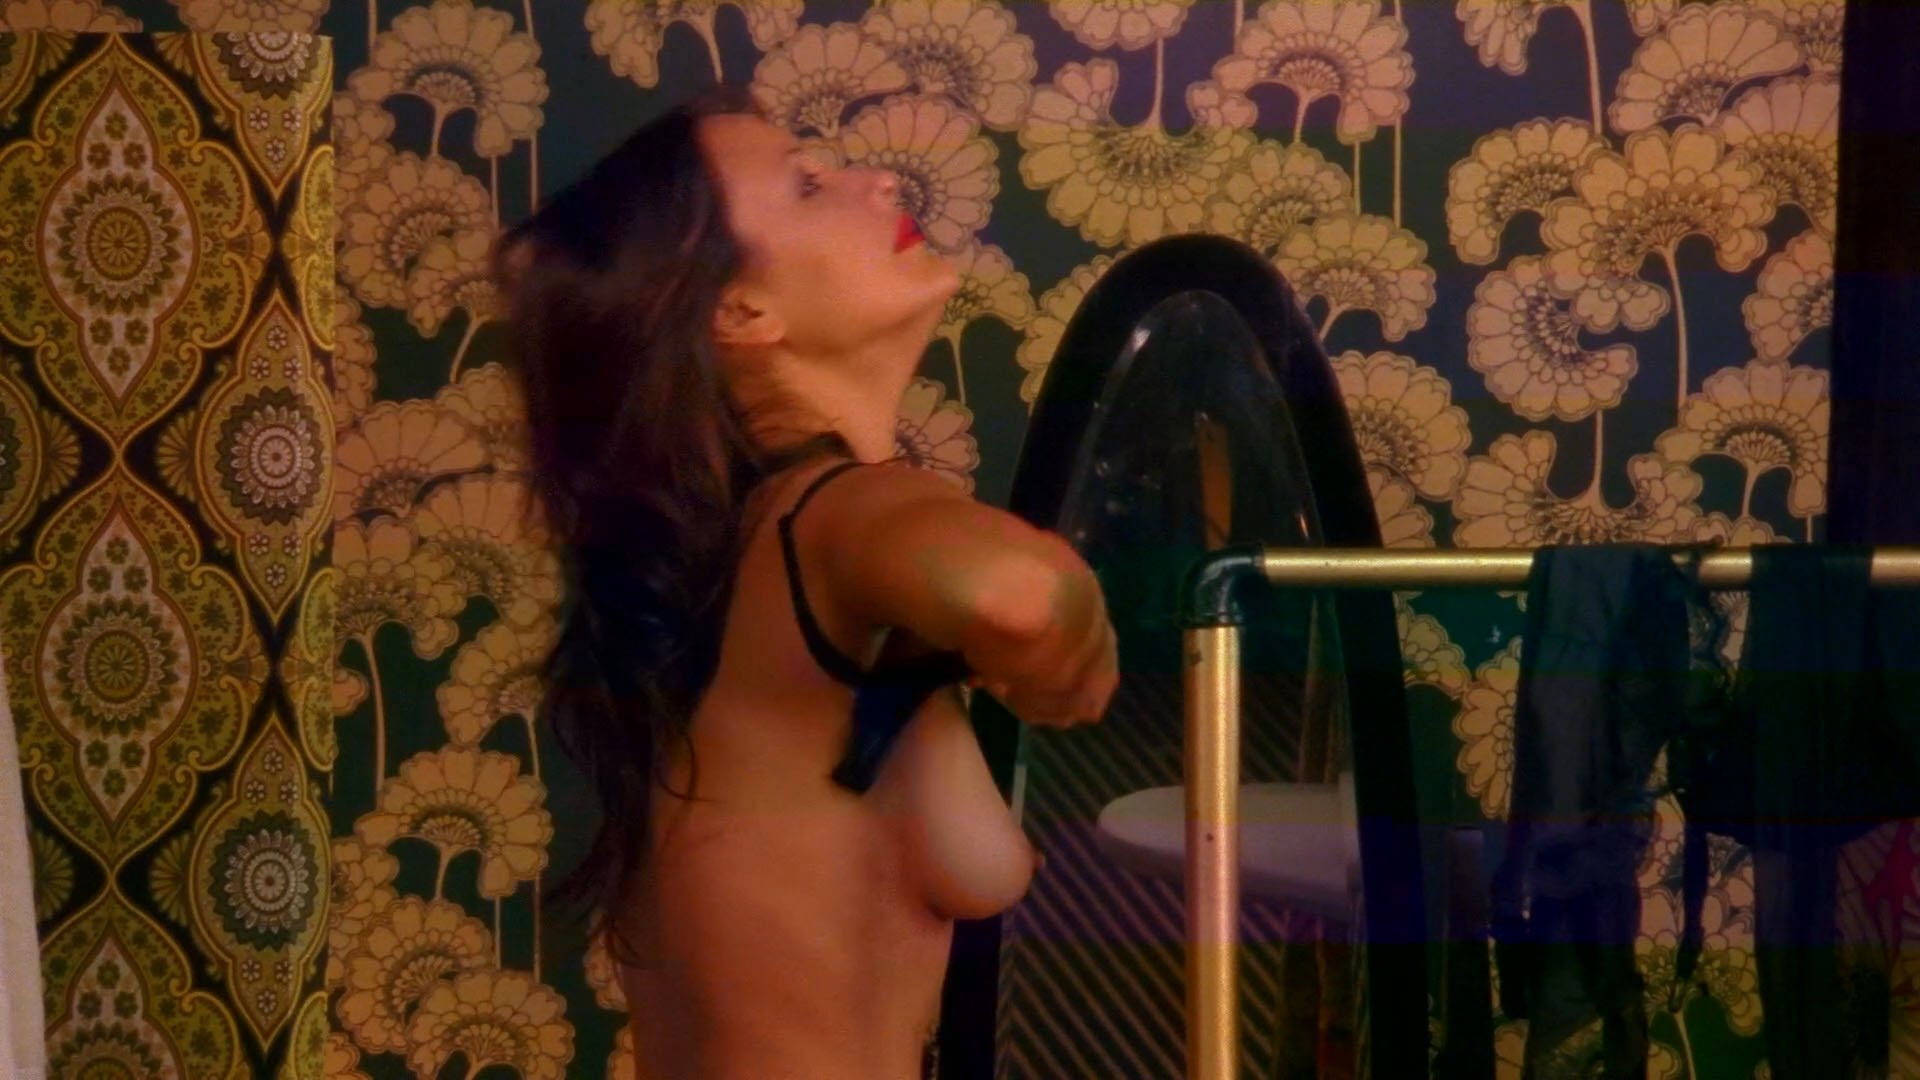 Peta Sergeant nude - Satisfaction s01 (2007)